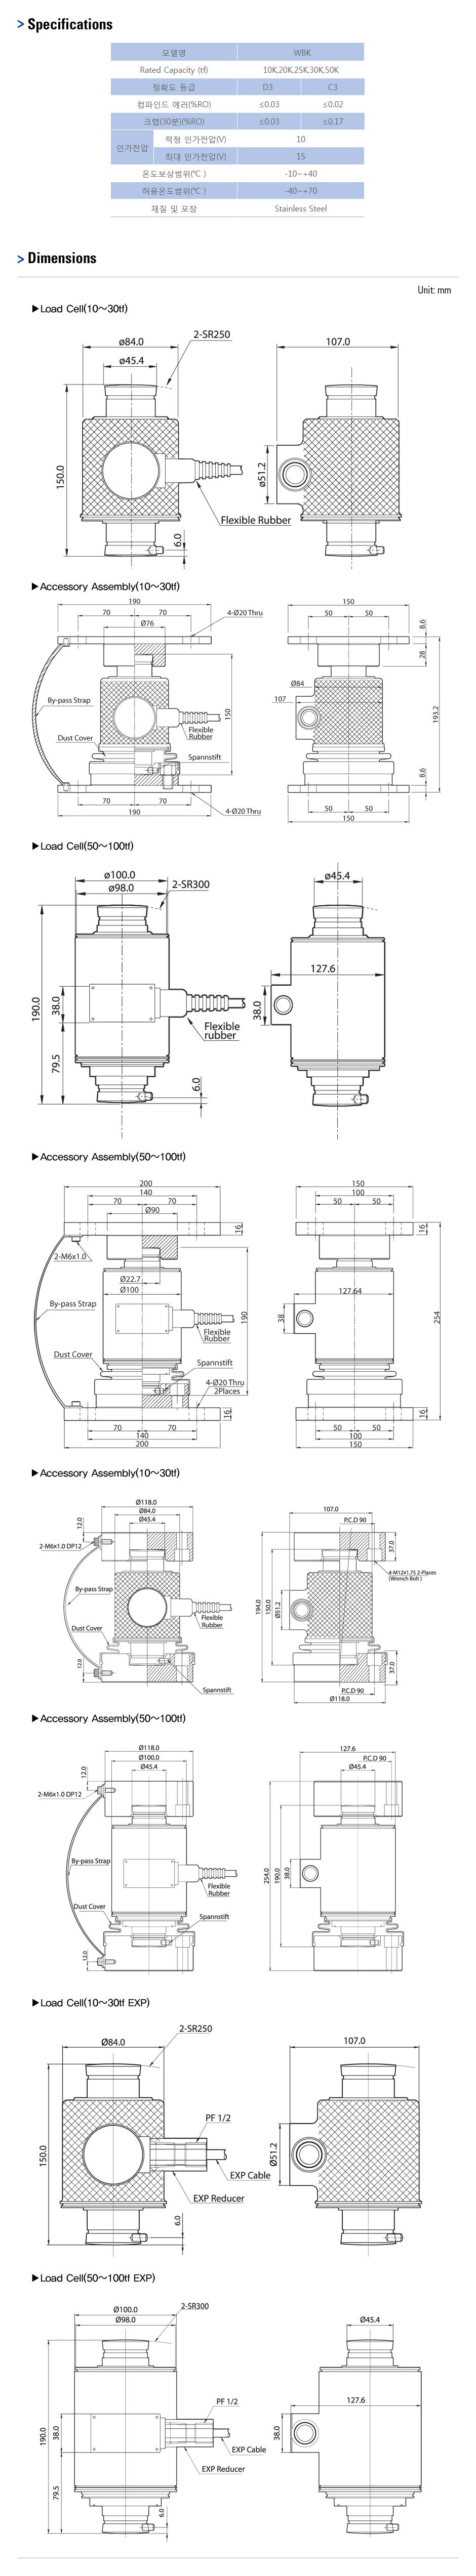 카스 로드셀 - Truck & Tank weighing 타입  7